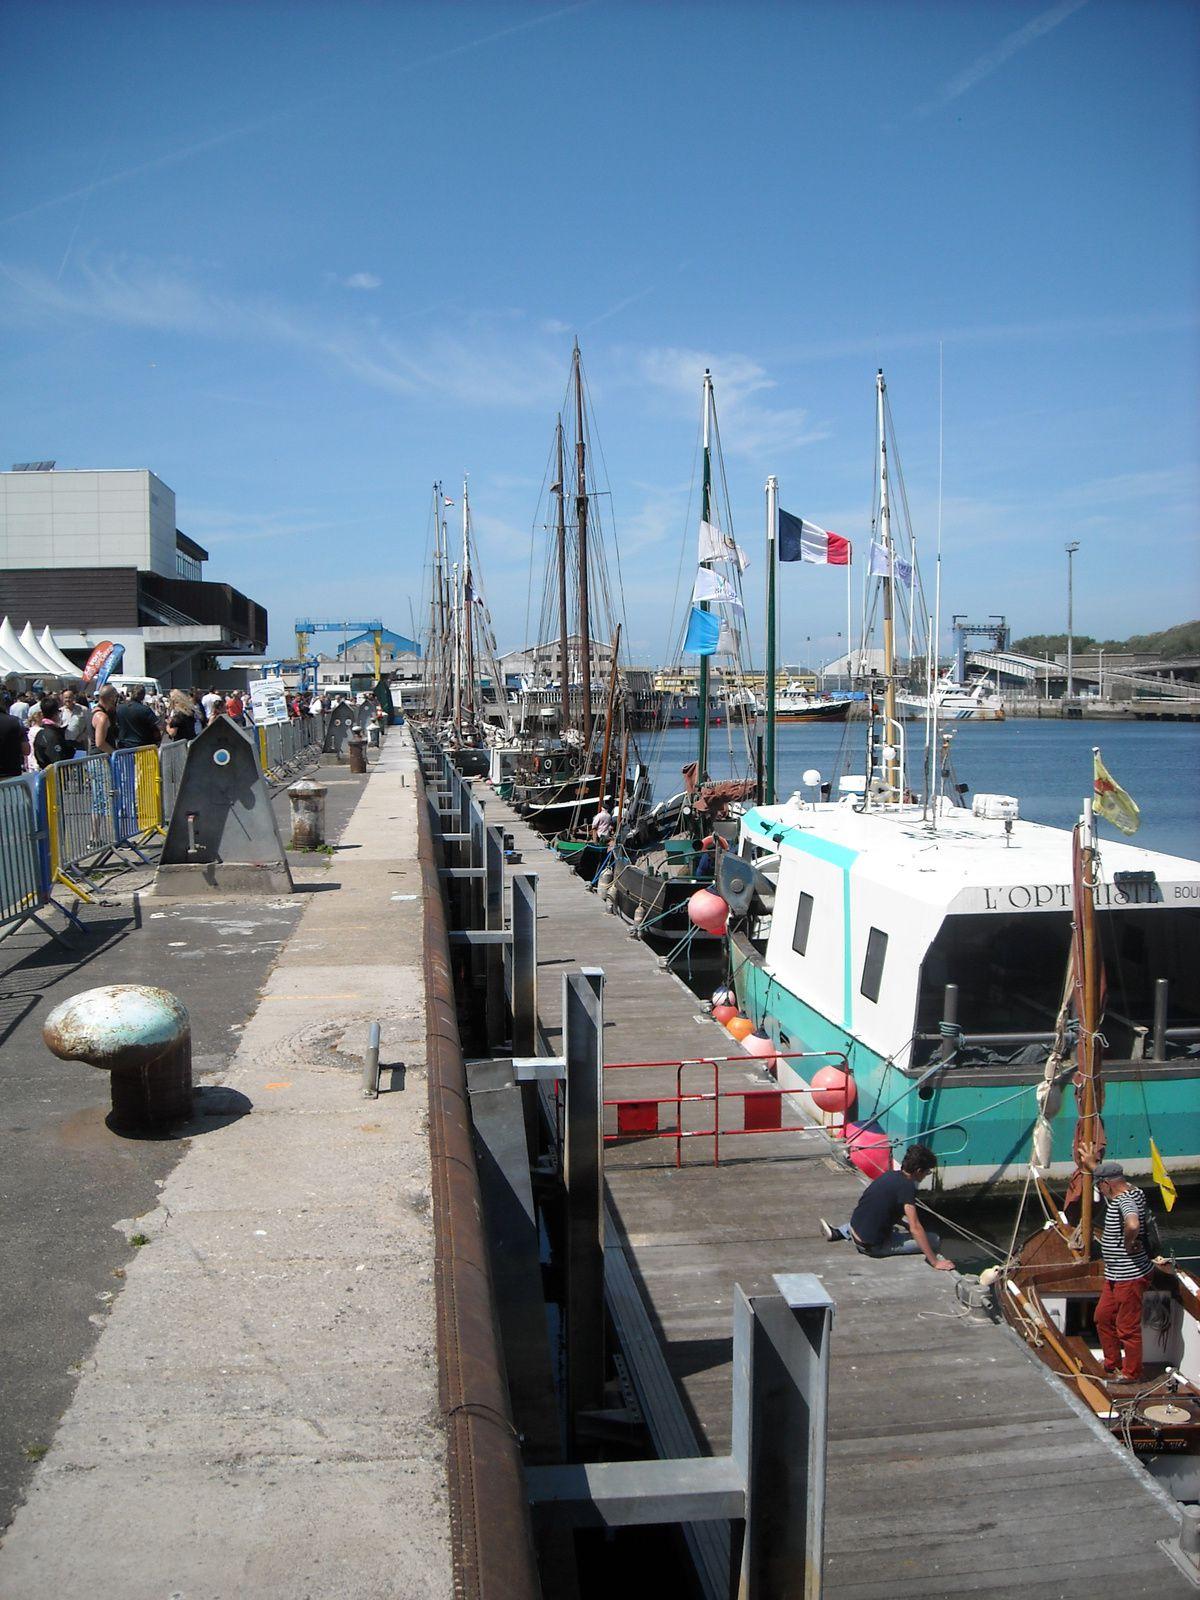 sur le port de Boulogne sur mer